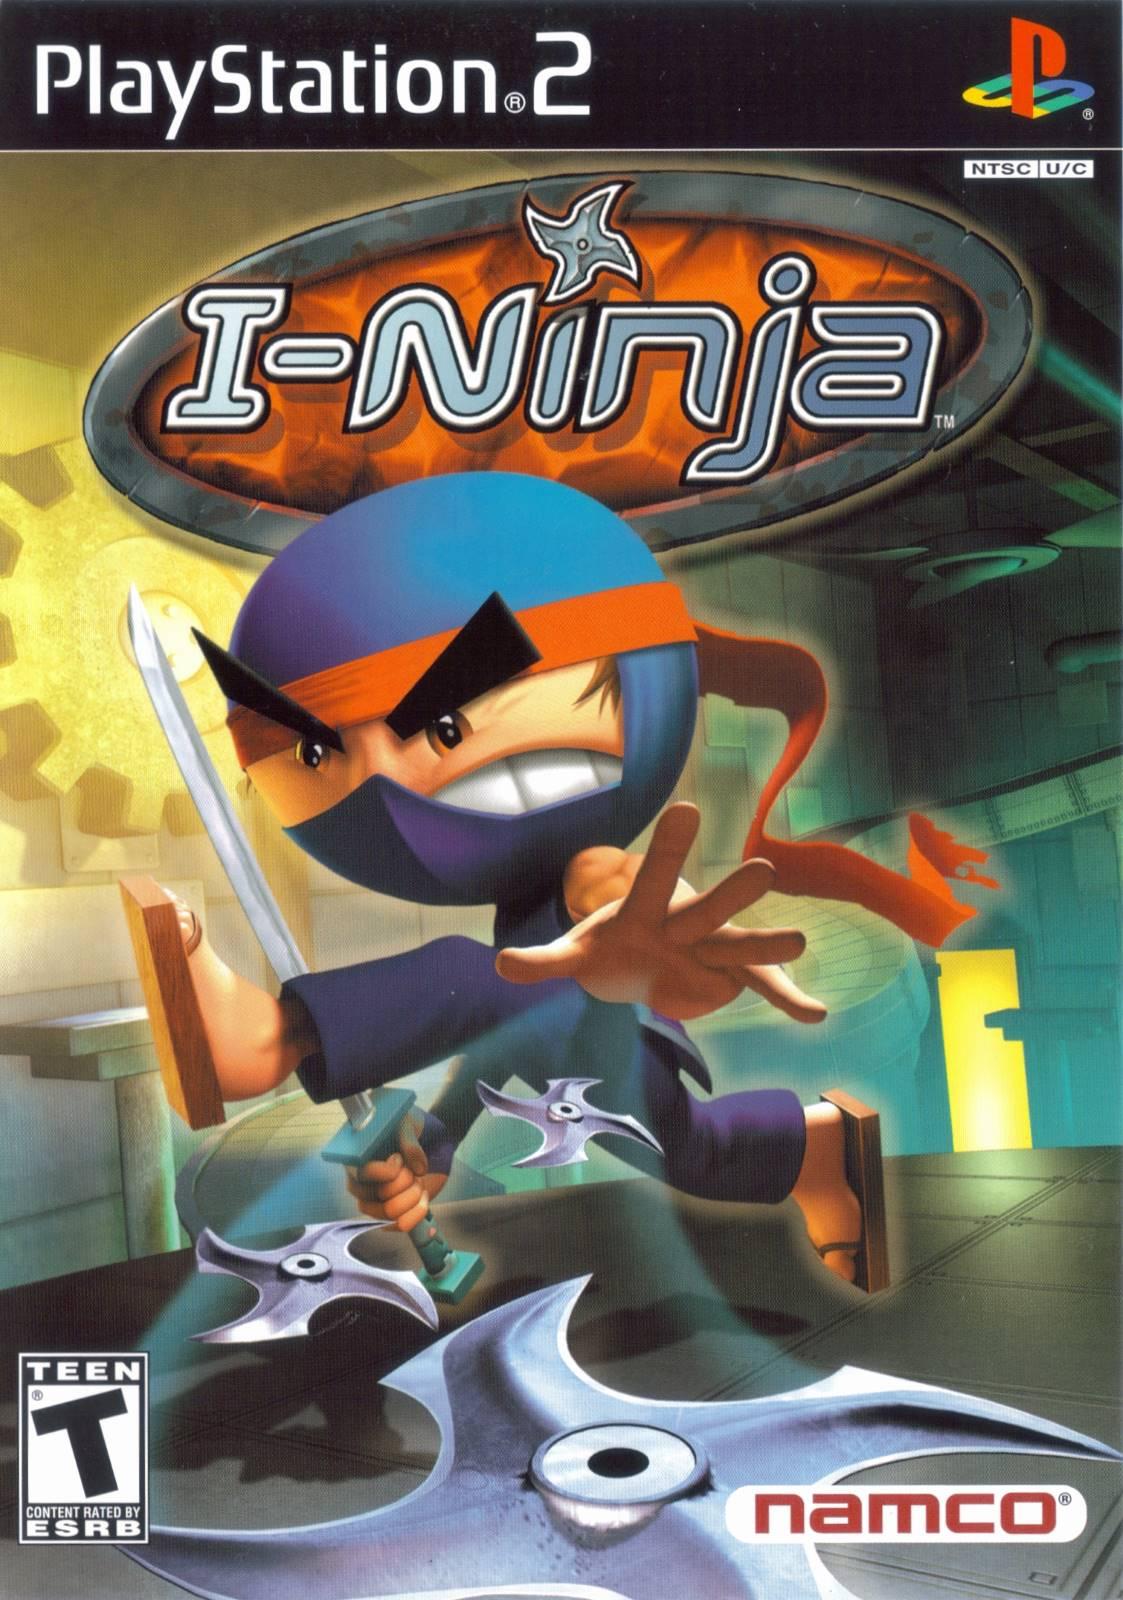 I-Ninja Sony Playstation 2 Game